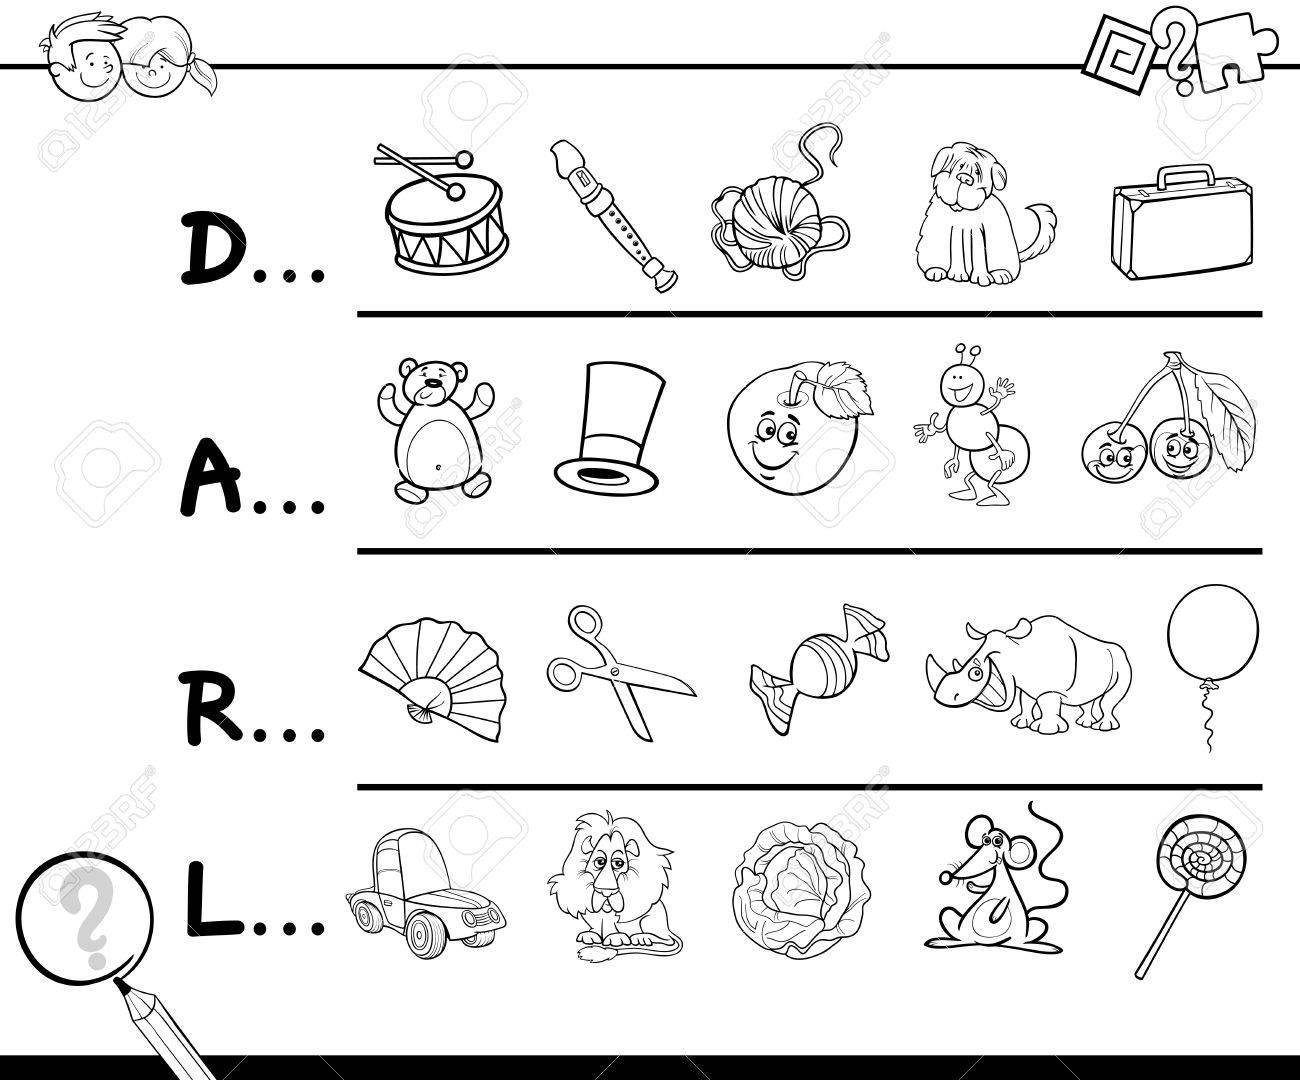 Ilustración De Dibujos Animados De Encontrar La Imagen Que Comienzan Con La Carta De Referencia De La Actividad Educativa Para Niños Para Colorear